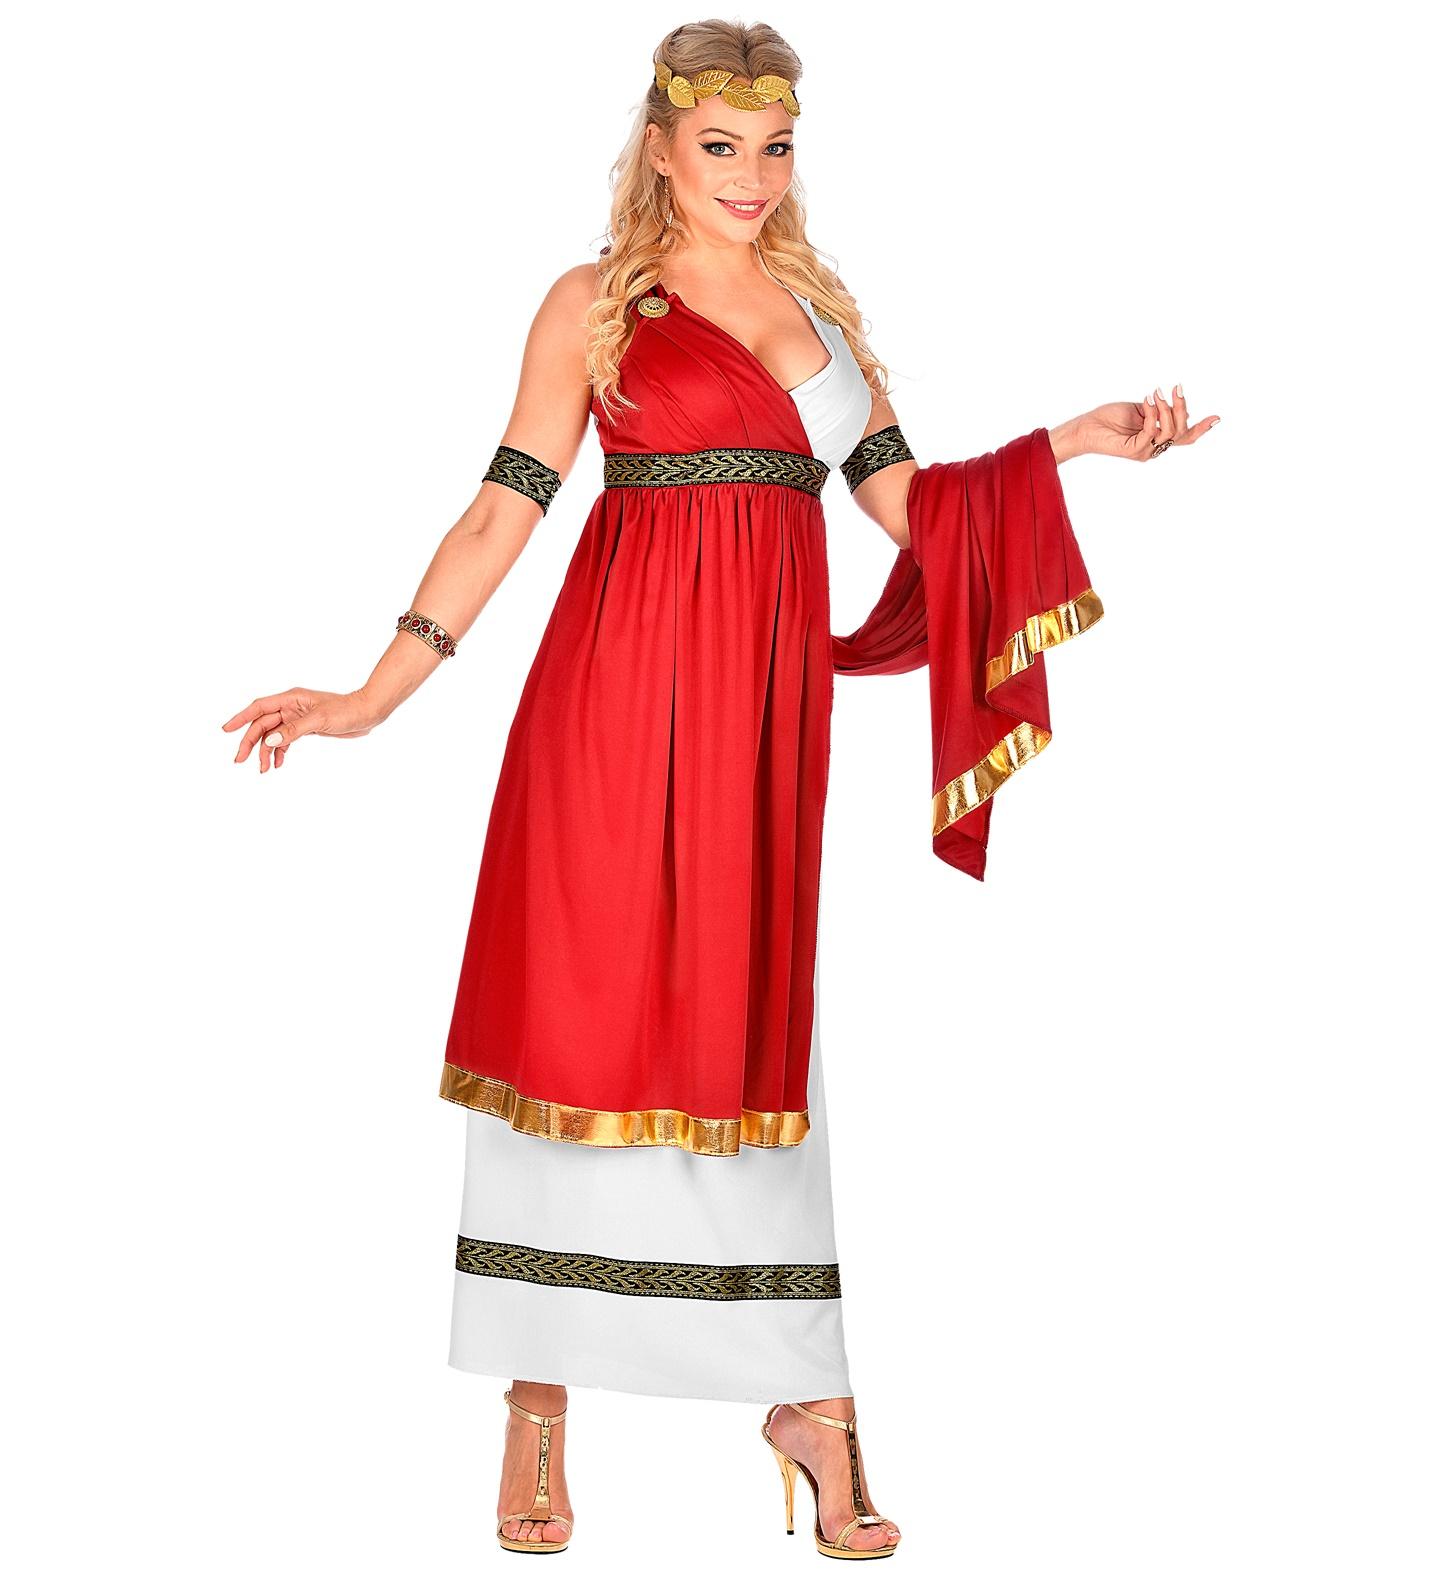 Kleid Römische Kaiserin  Party Schlaudt GmbH  Kostüme  Deko  Stoffe